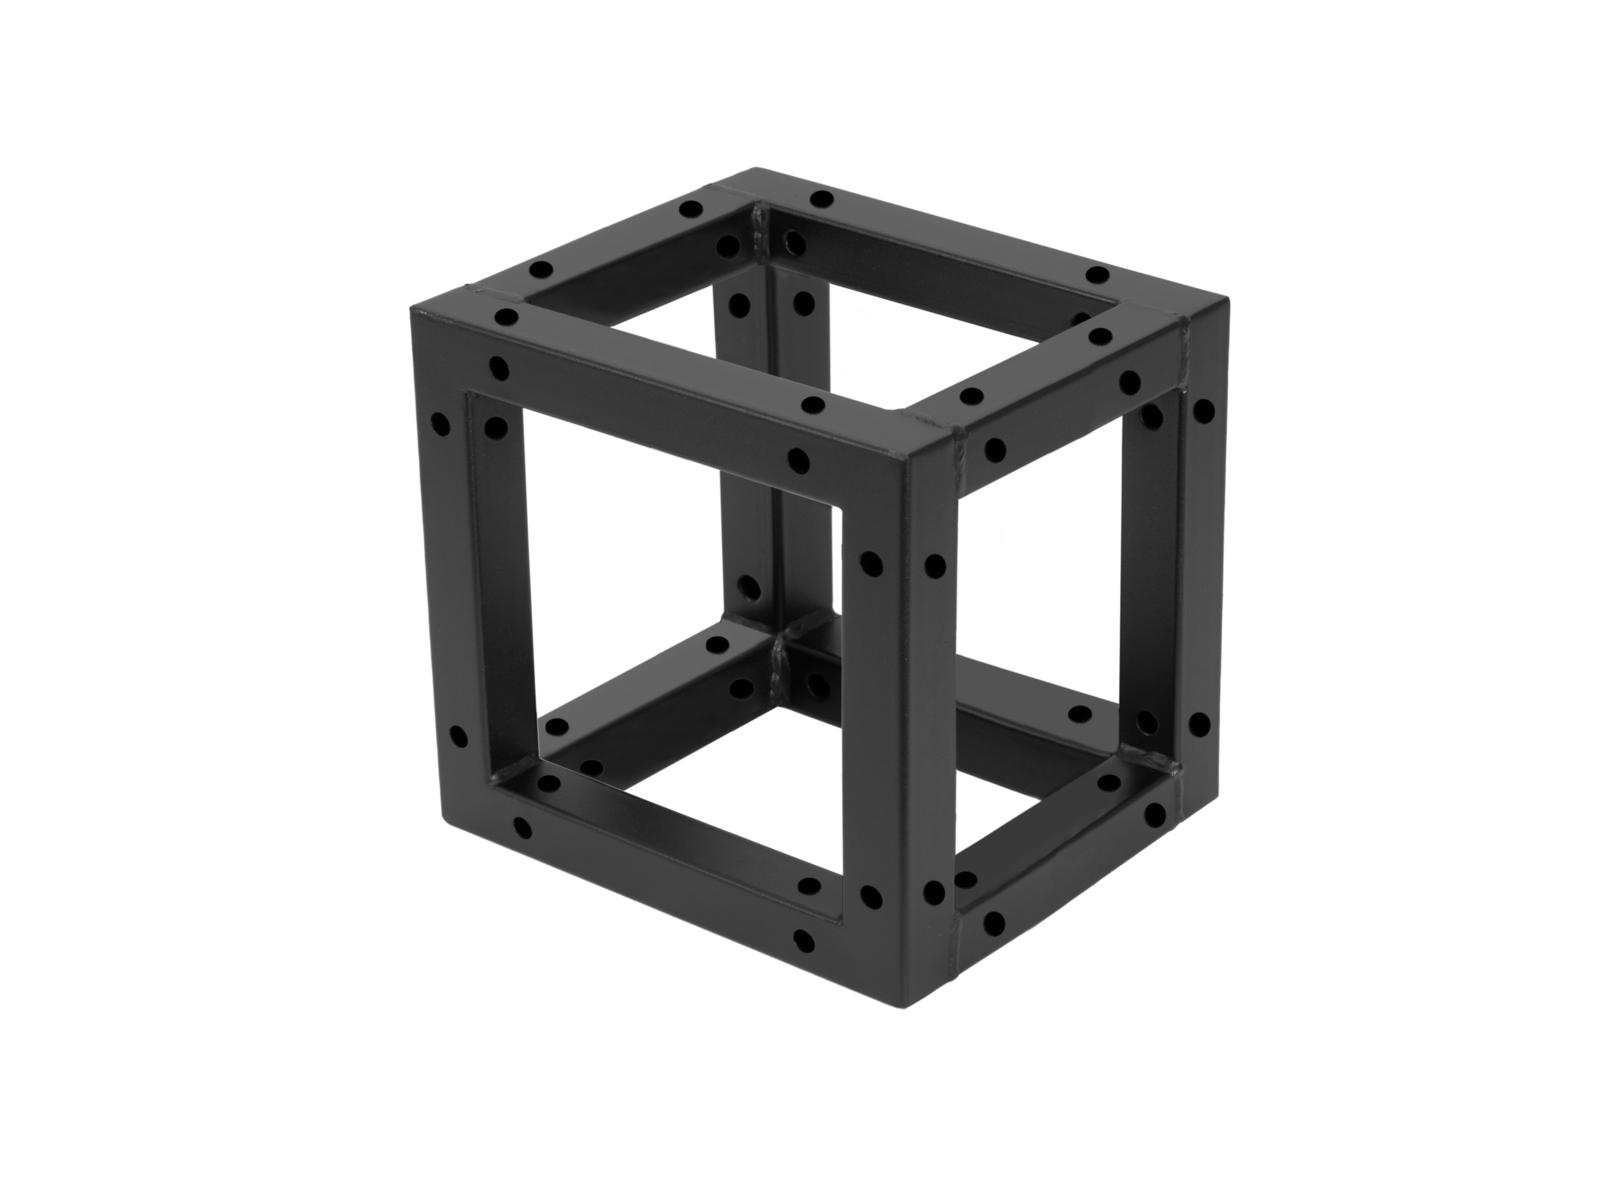 DECOTRUSS Quad Corner Block sw